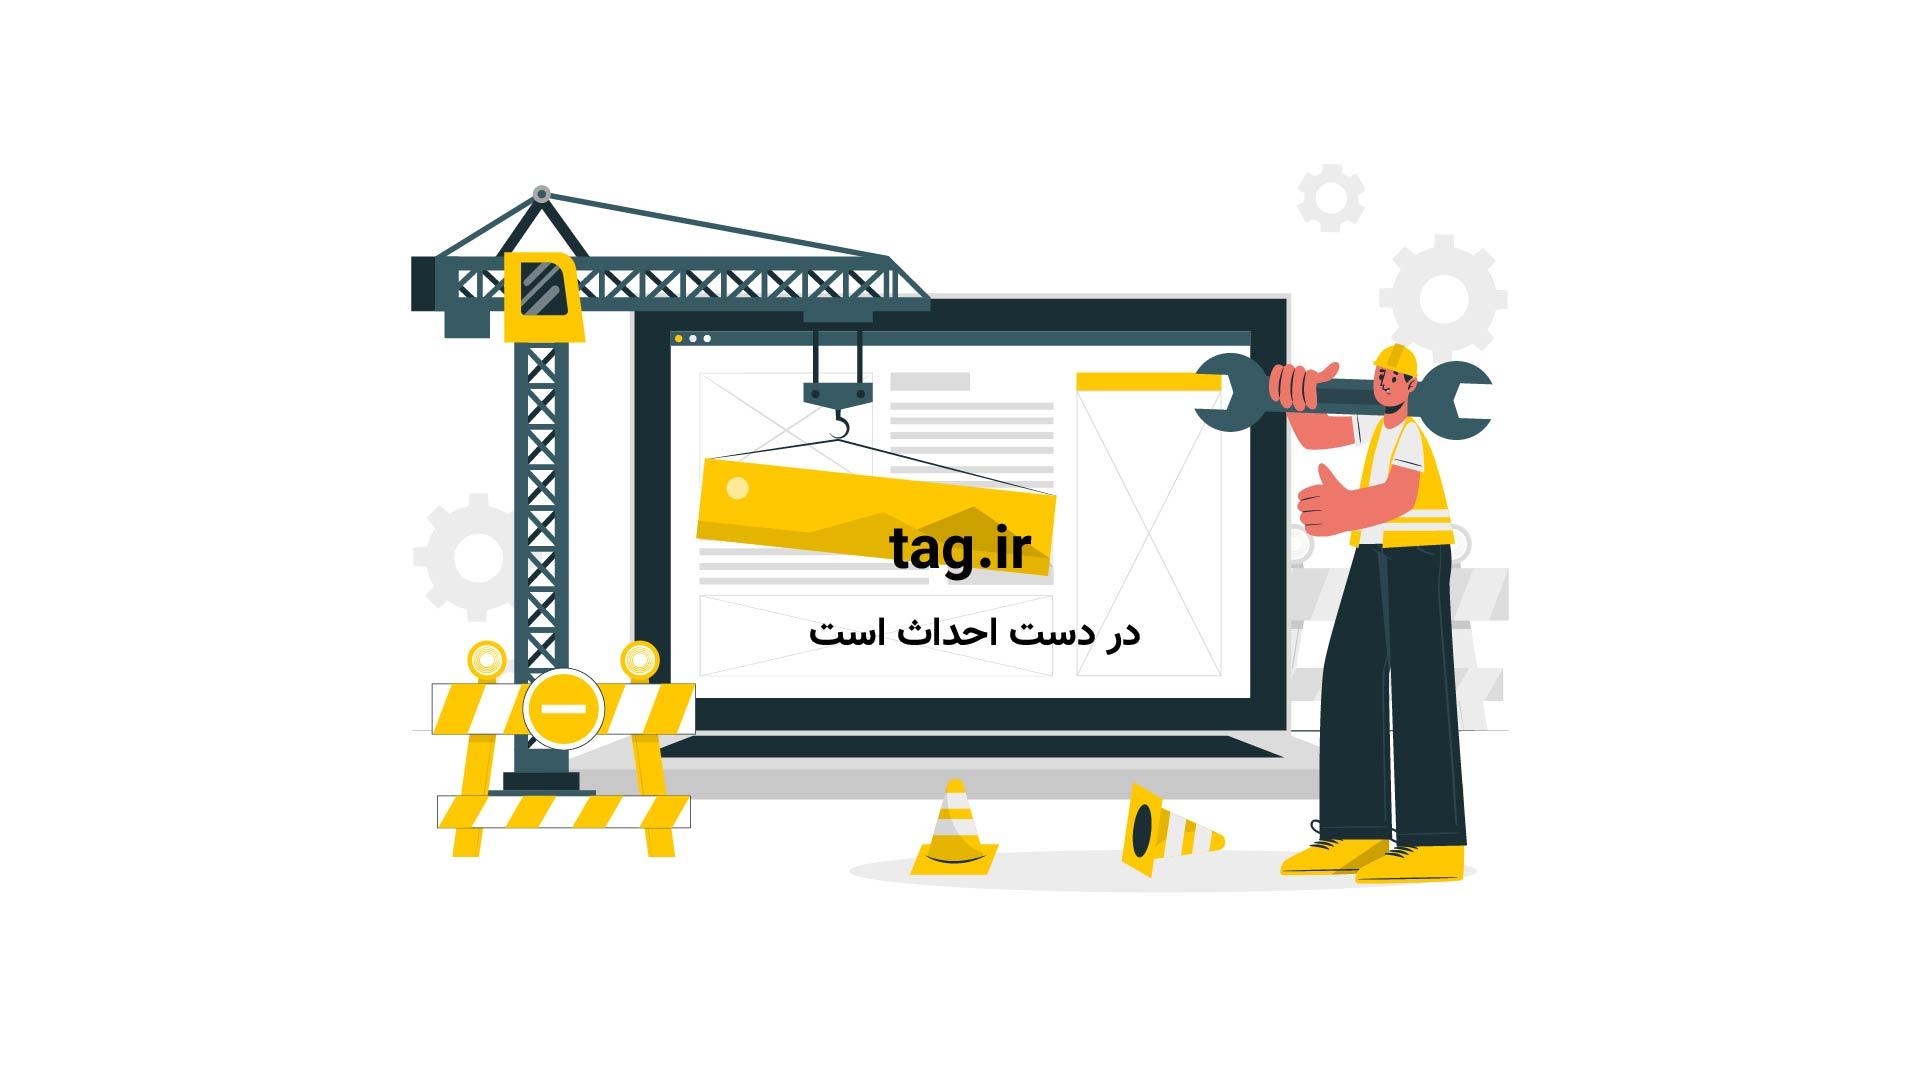 سخنرانی های تد؛ مریخیترین جای زمین | فیلم